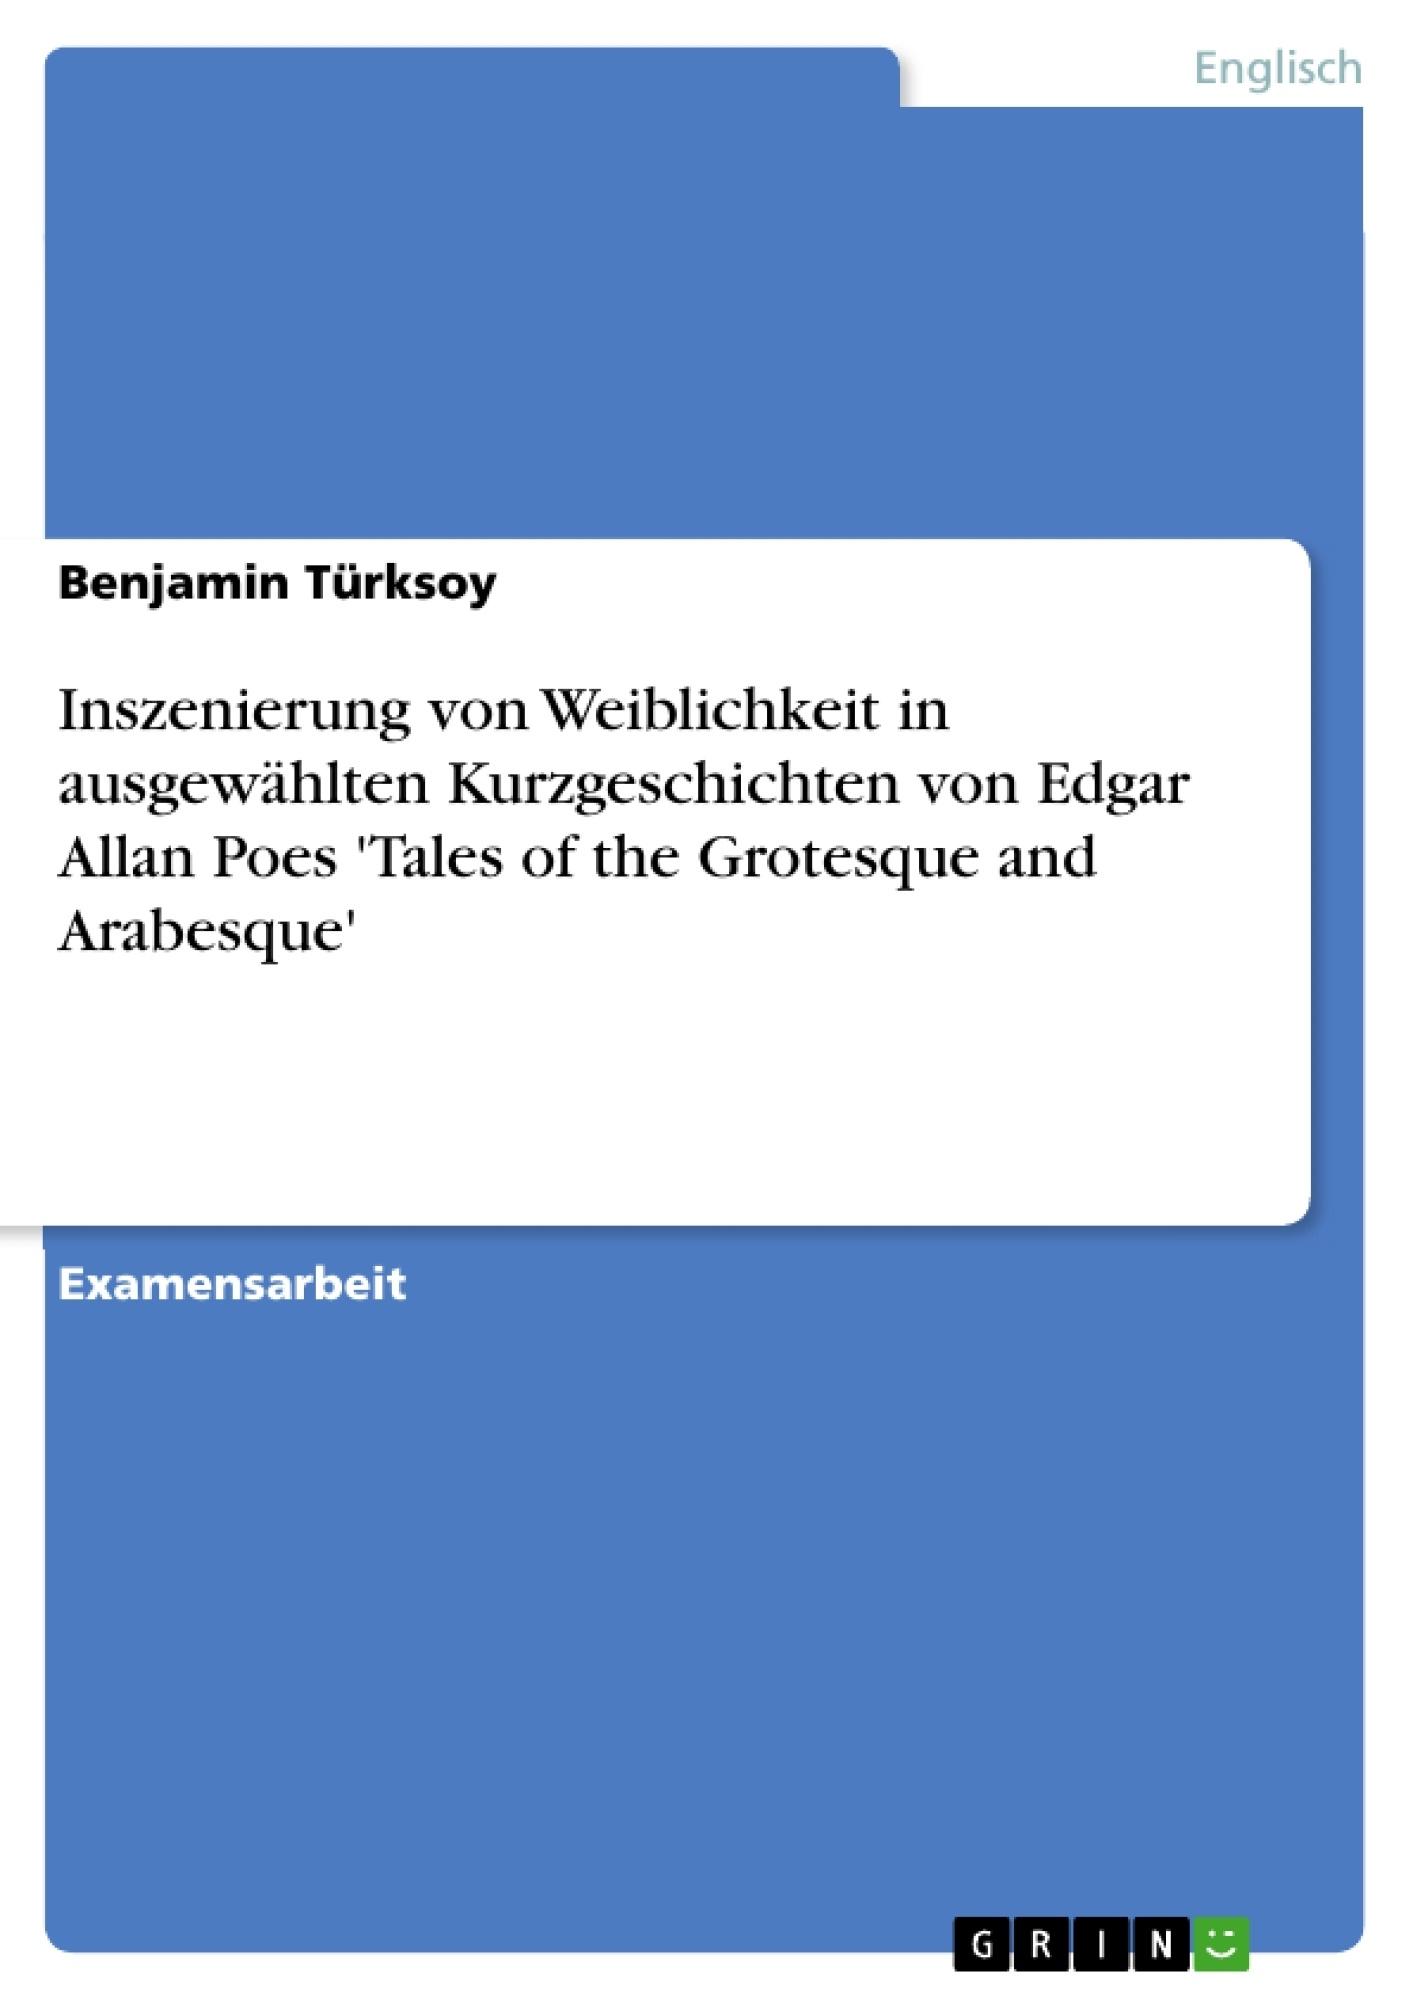 Titel: Inszenierung von Weiblichkeit in ausgewählten Kurzgeschichten von Edgar Allan Poes 'Tales of the Grotesque and Arabesque'